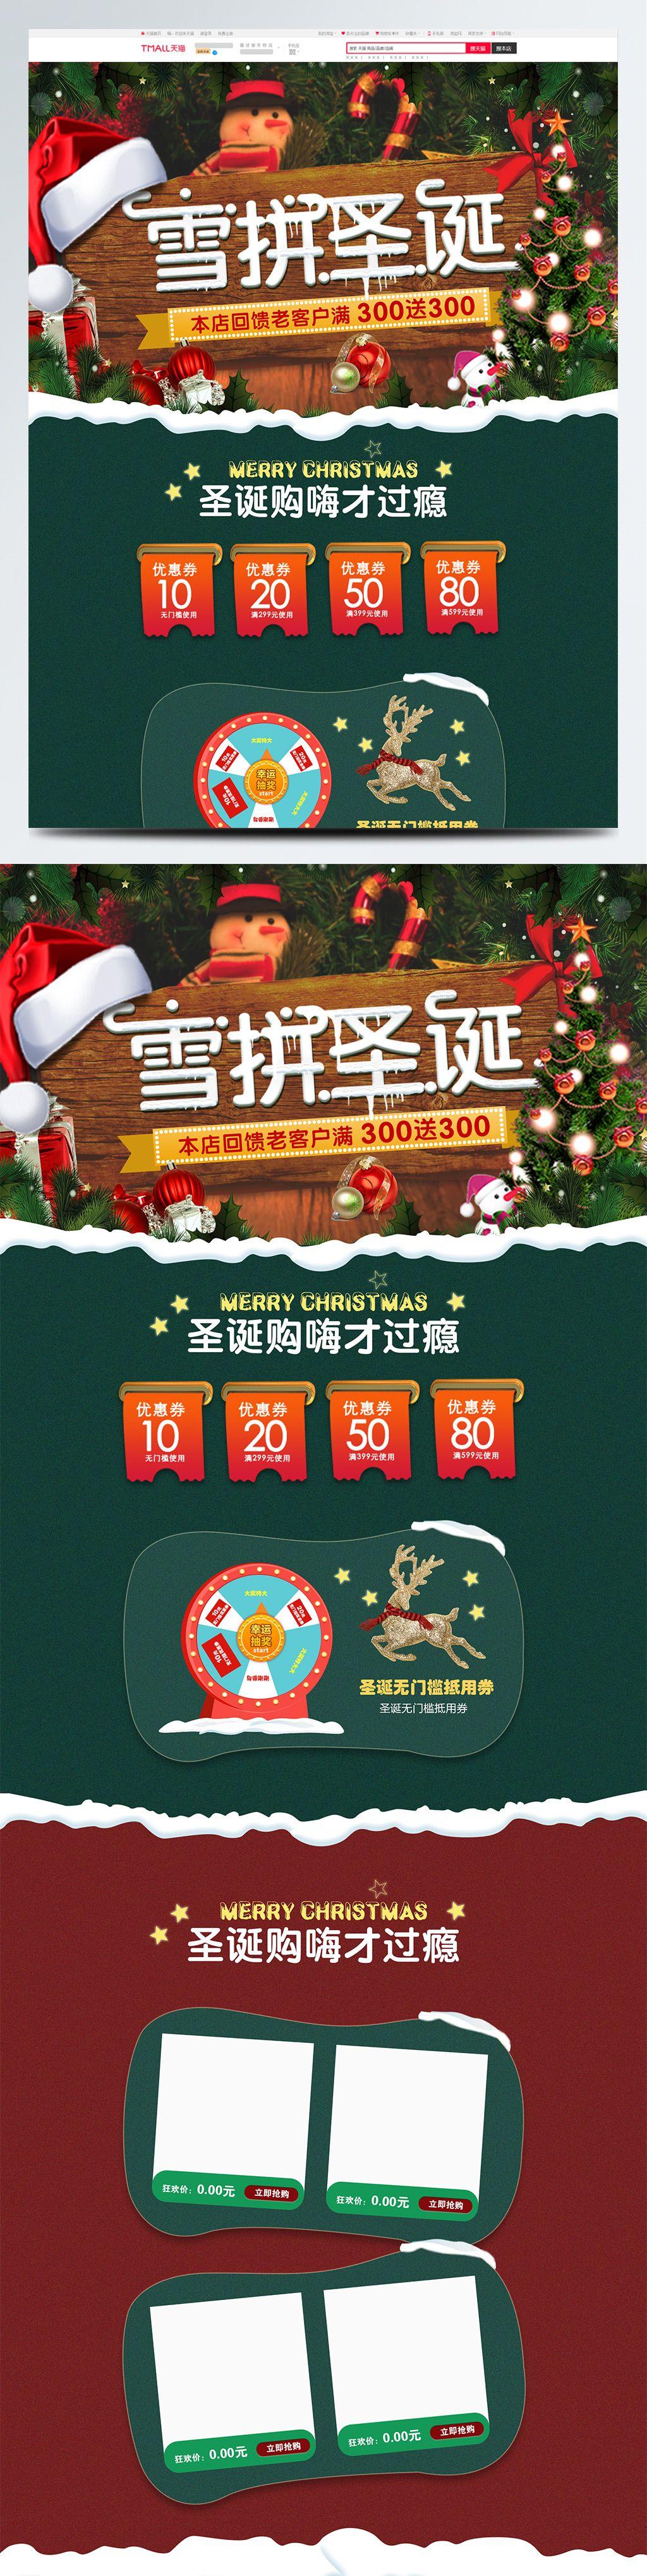 红色绿色圣诞节雪拼圣诞淘宝首页